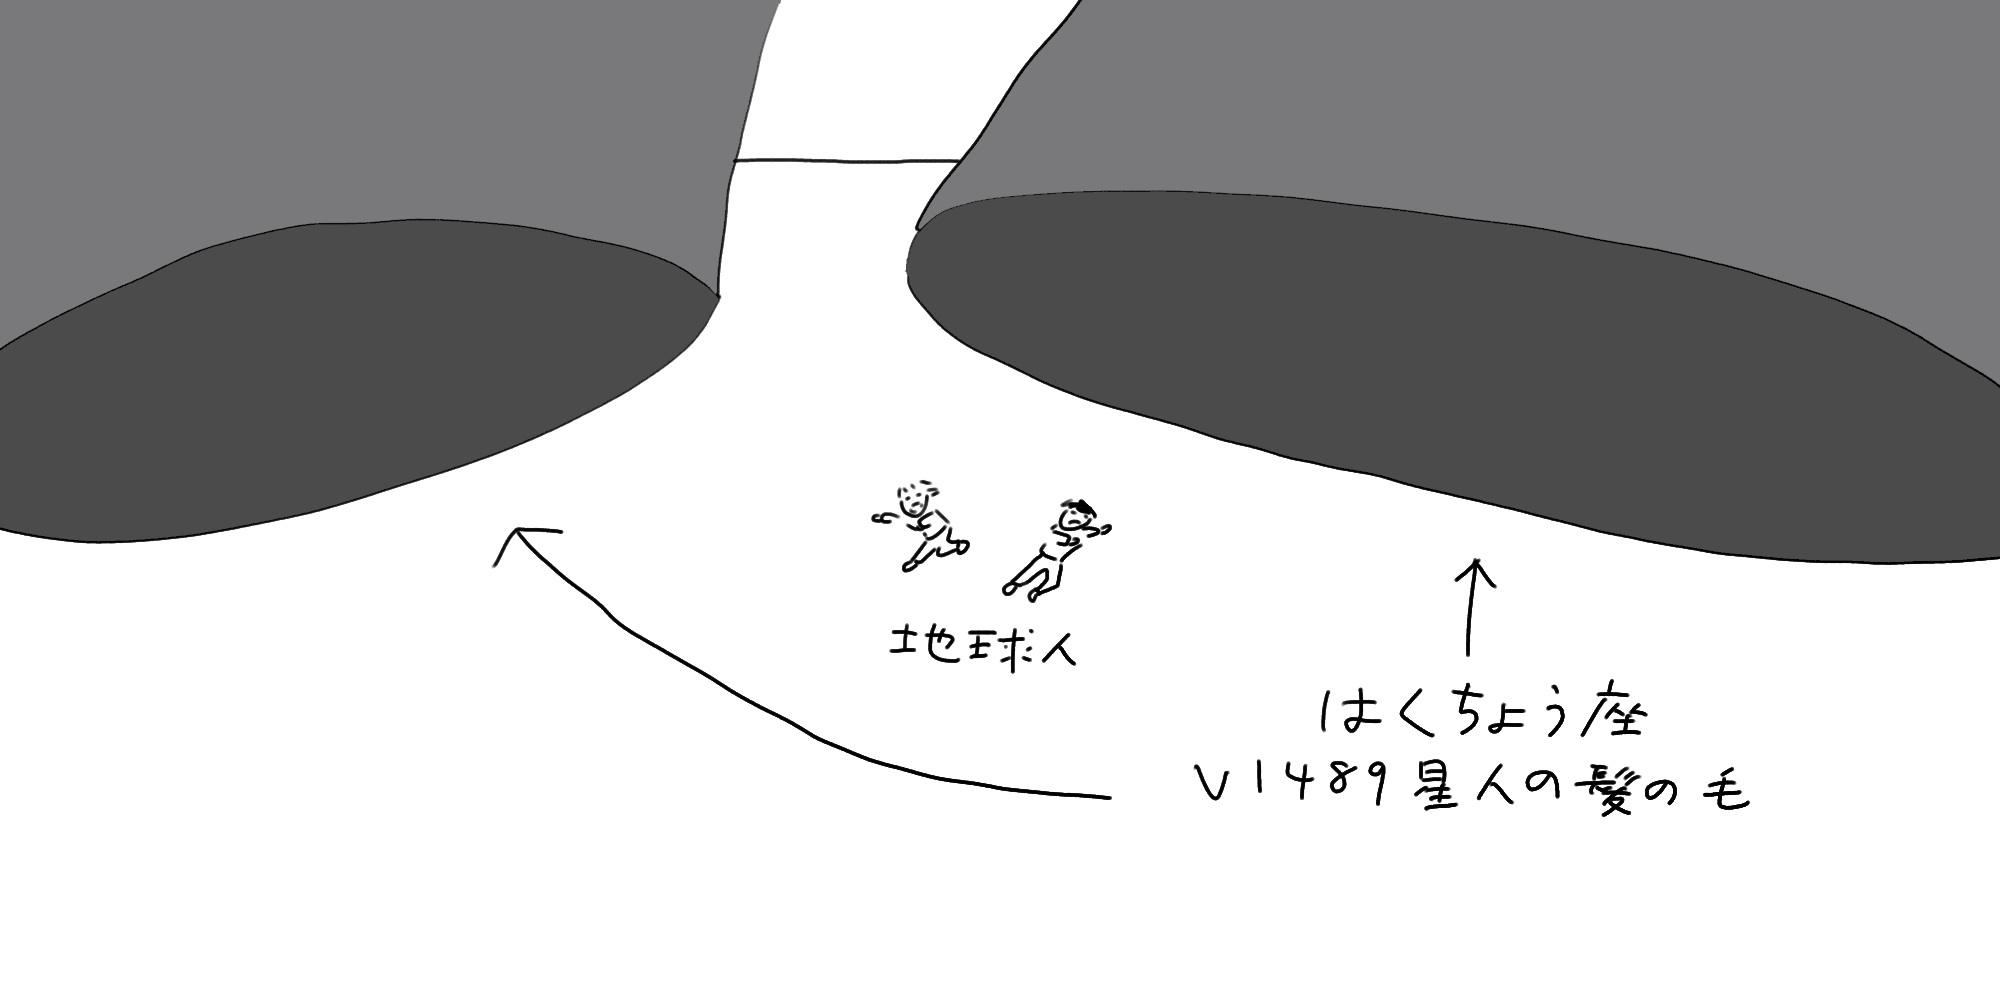 kaminoke-big3